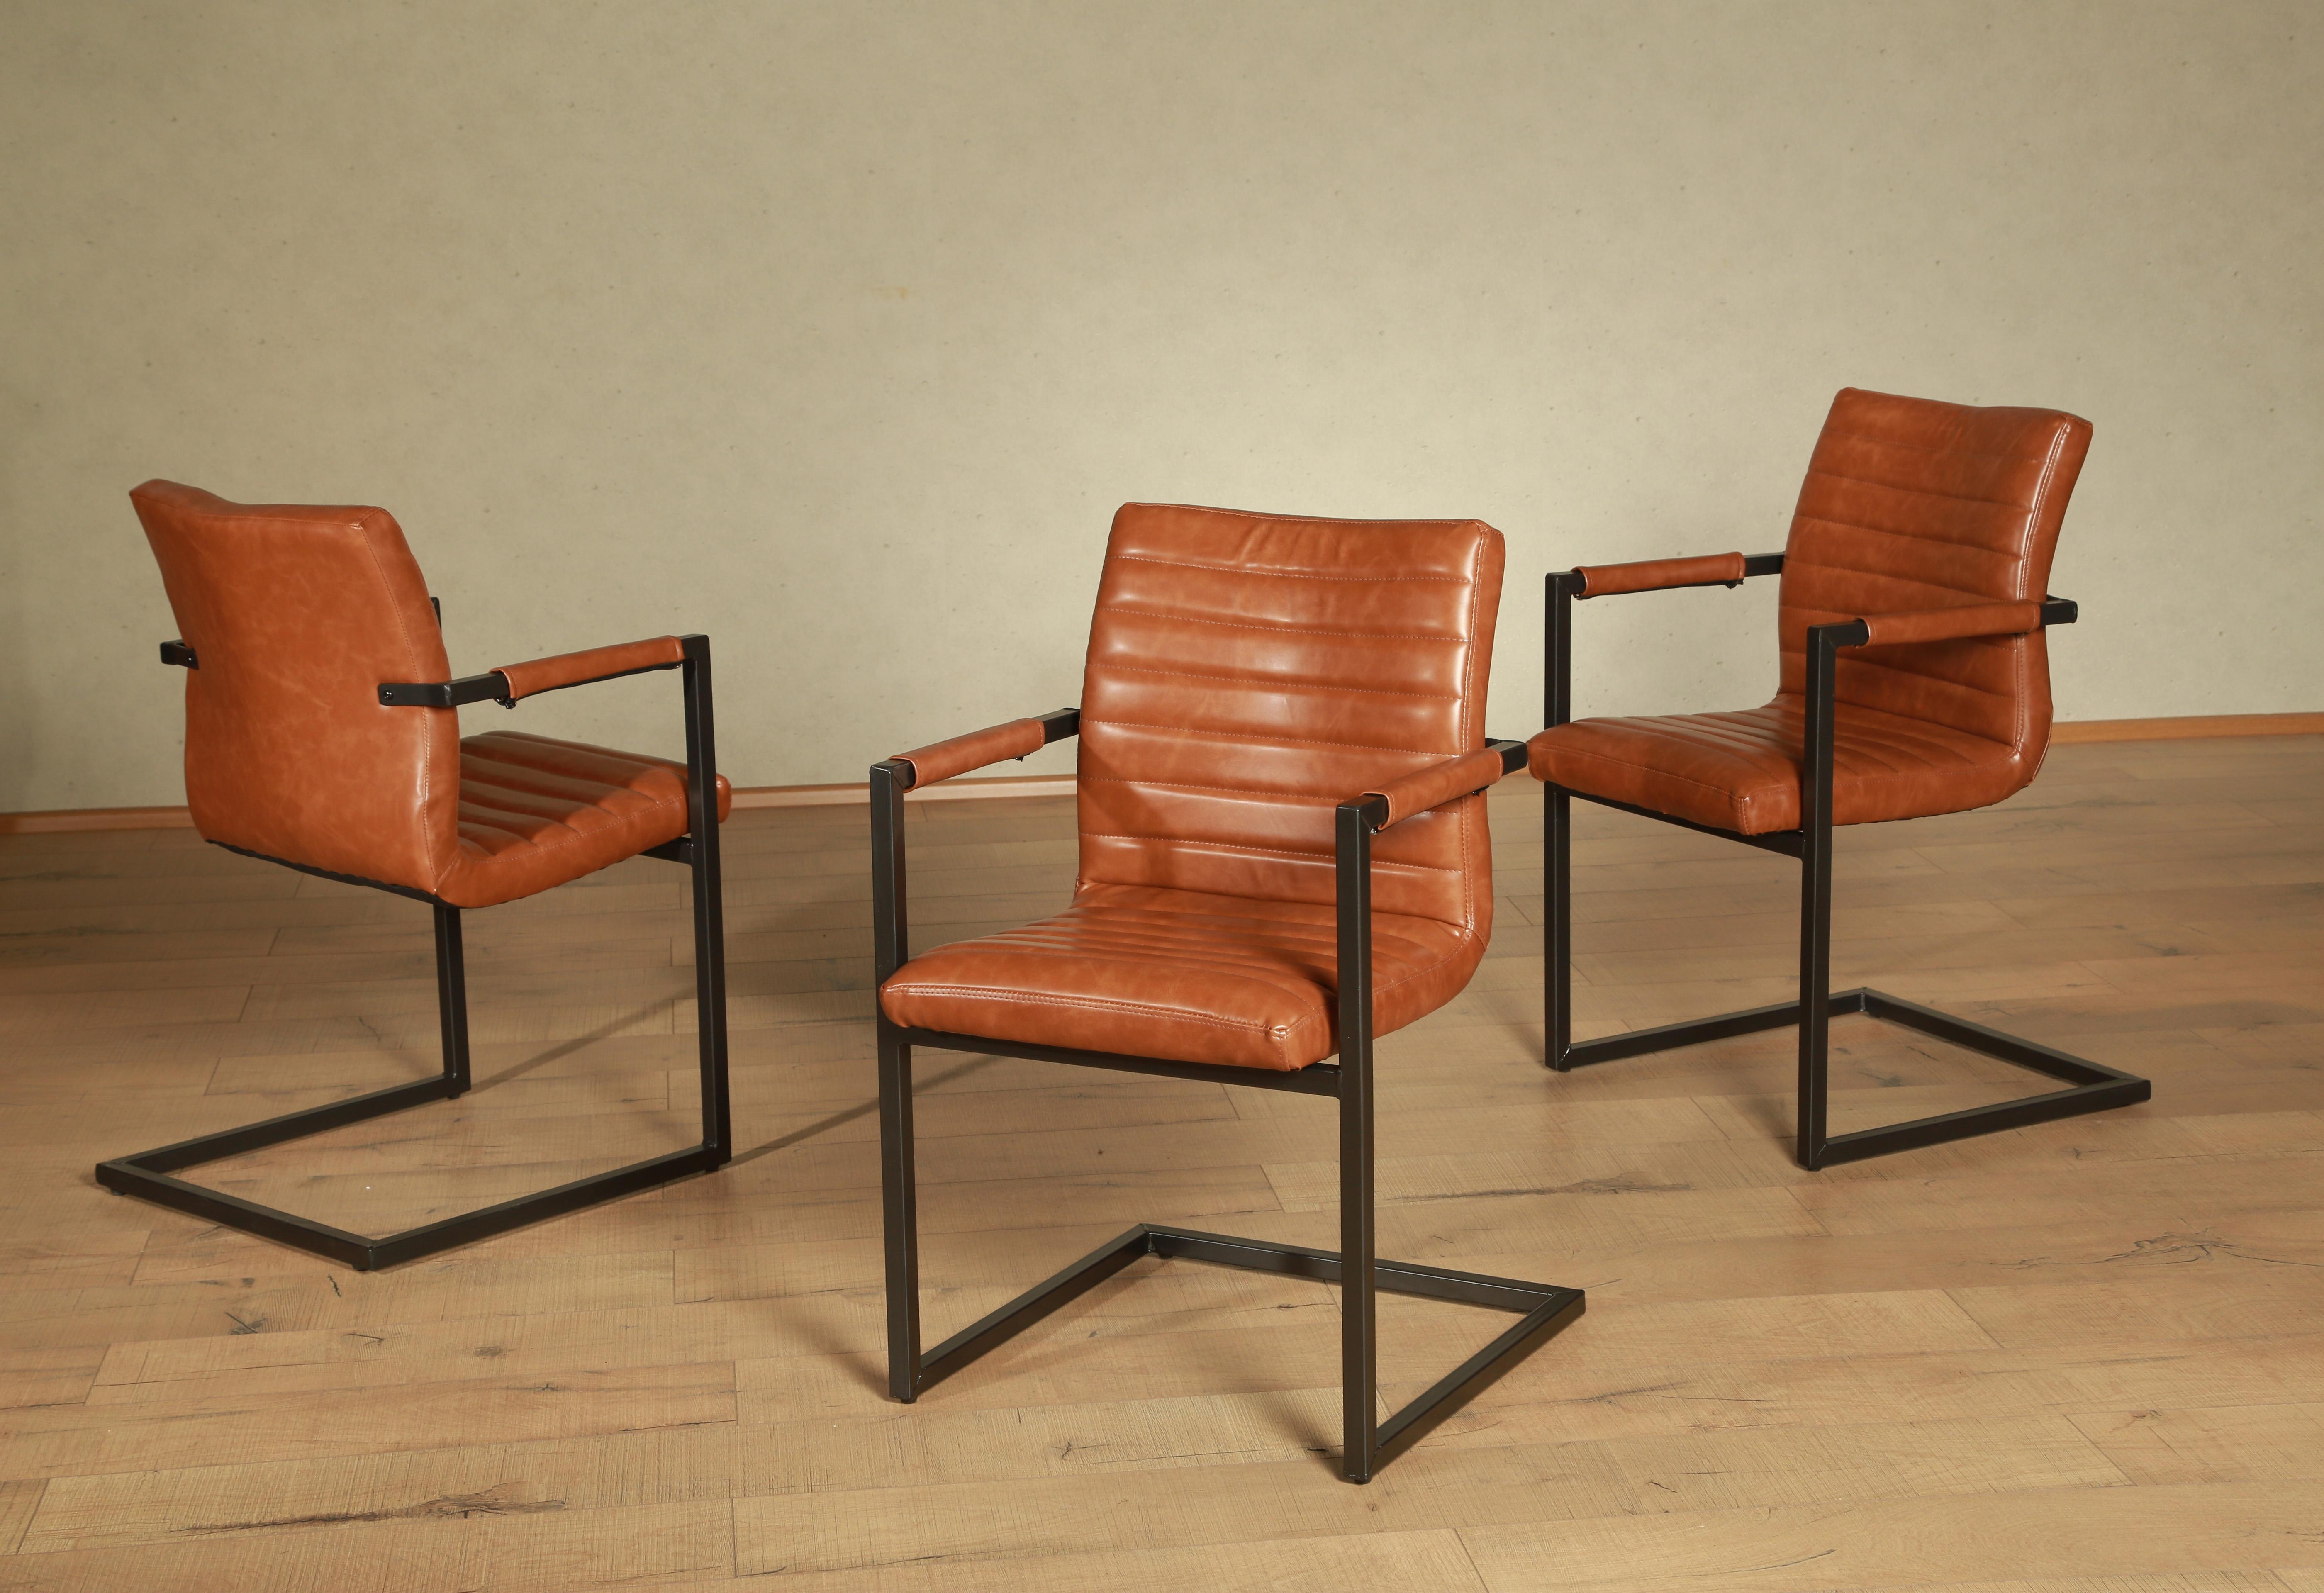 Premium collection by Home affaire vrijdragende stoel Parcival (set, 4 stuks) goedkoop op otto.nl kopen